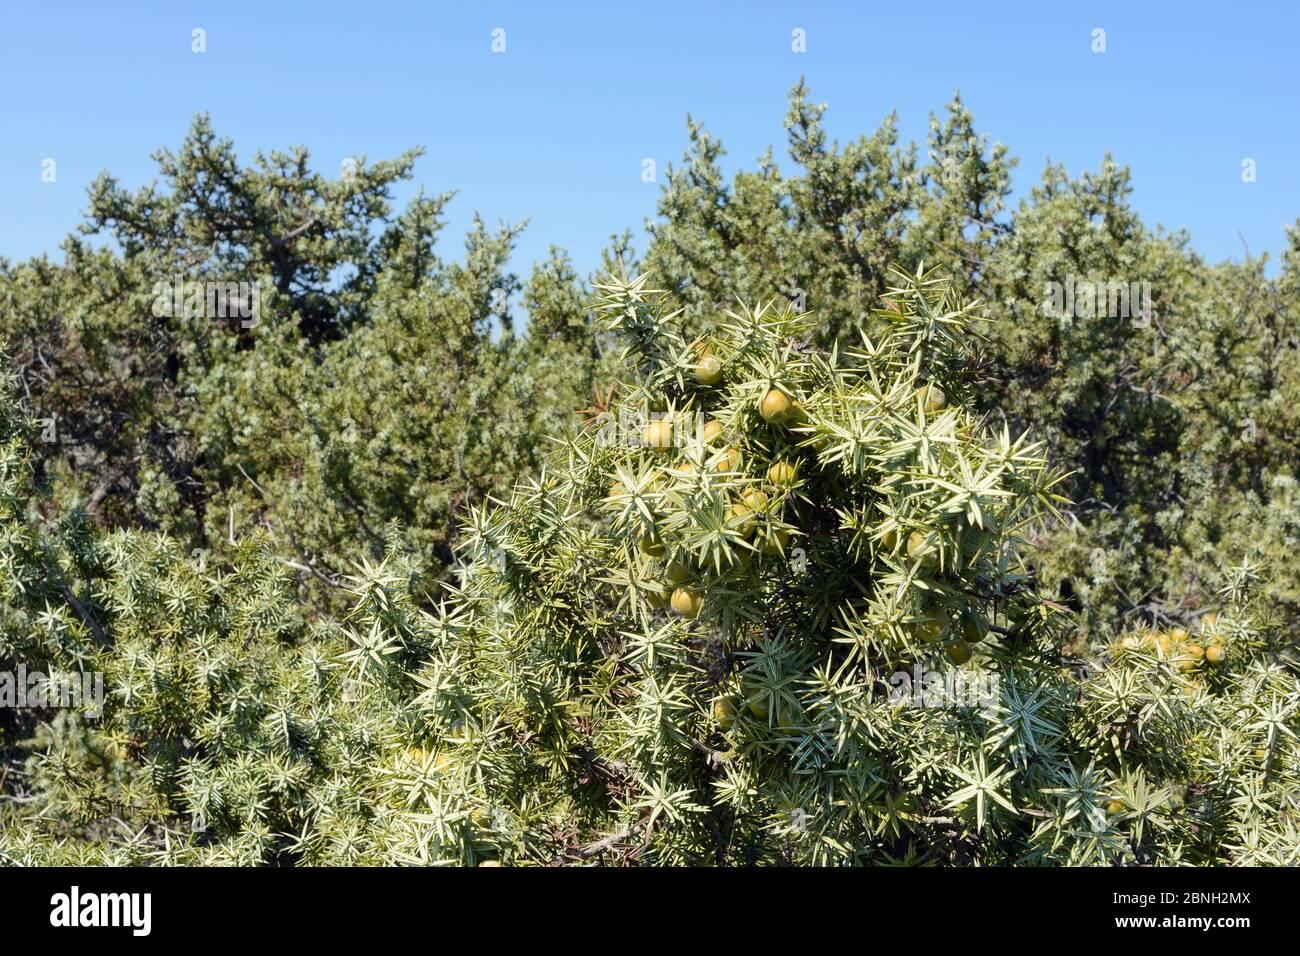 Genièvre à gros fruits (Juniperus macrocarpa), avec cônes de graines en mûrissement dans le maquis scrubland côtier, Kos, îles Dodécanèse, Grèce, août 2013. Banque D'Images